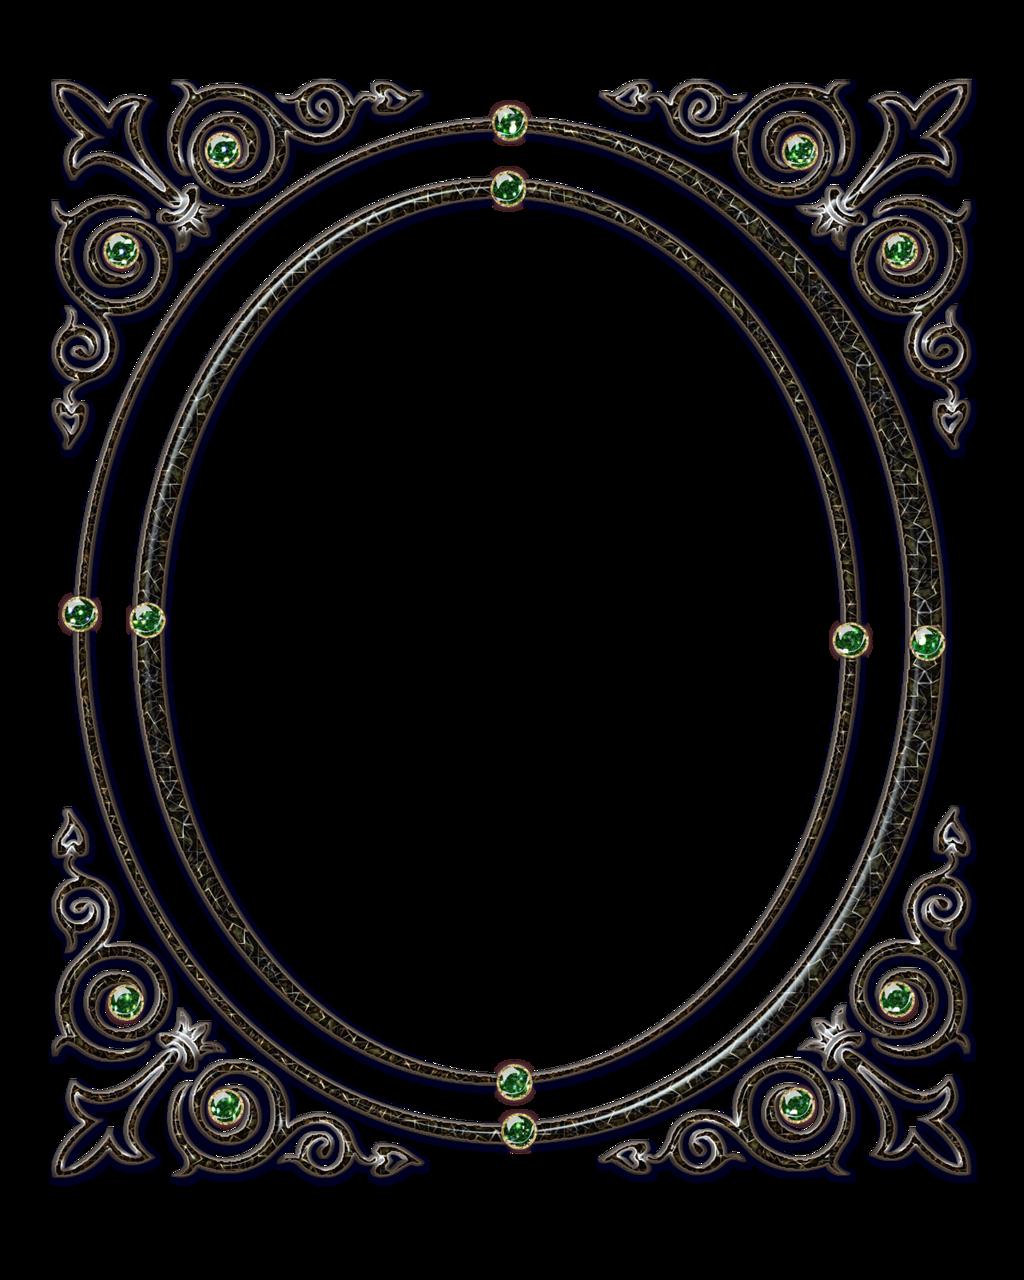 охоту выдаются круглые кисти виньетки в рисовании на фото может